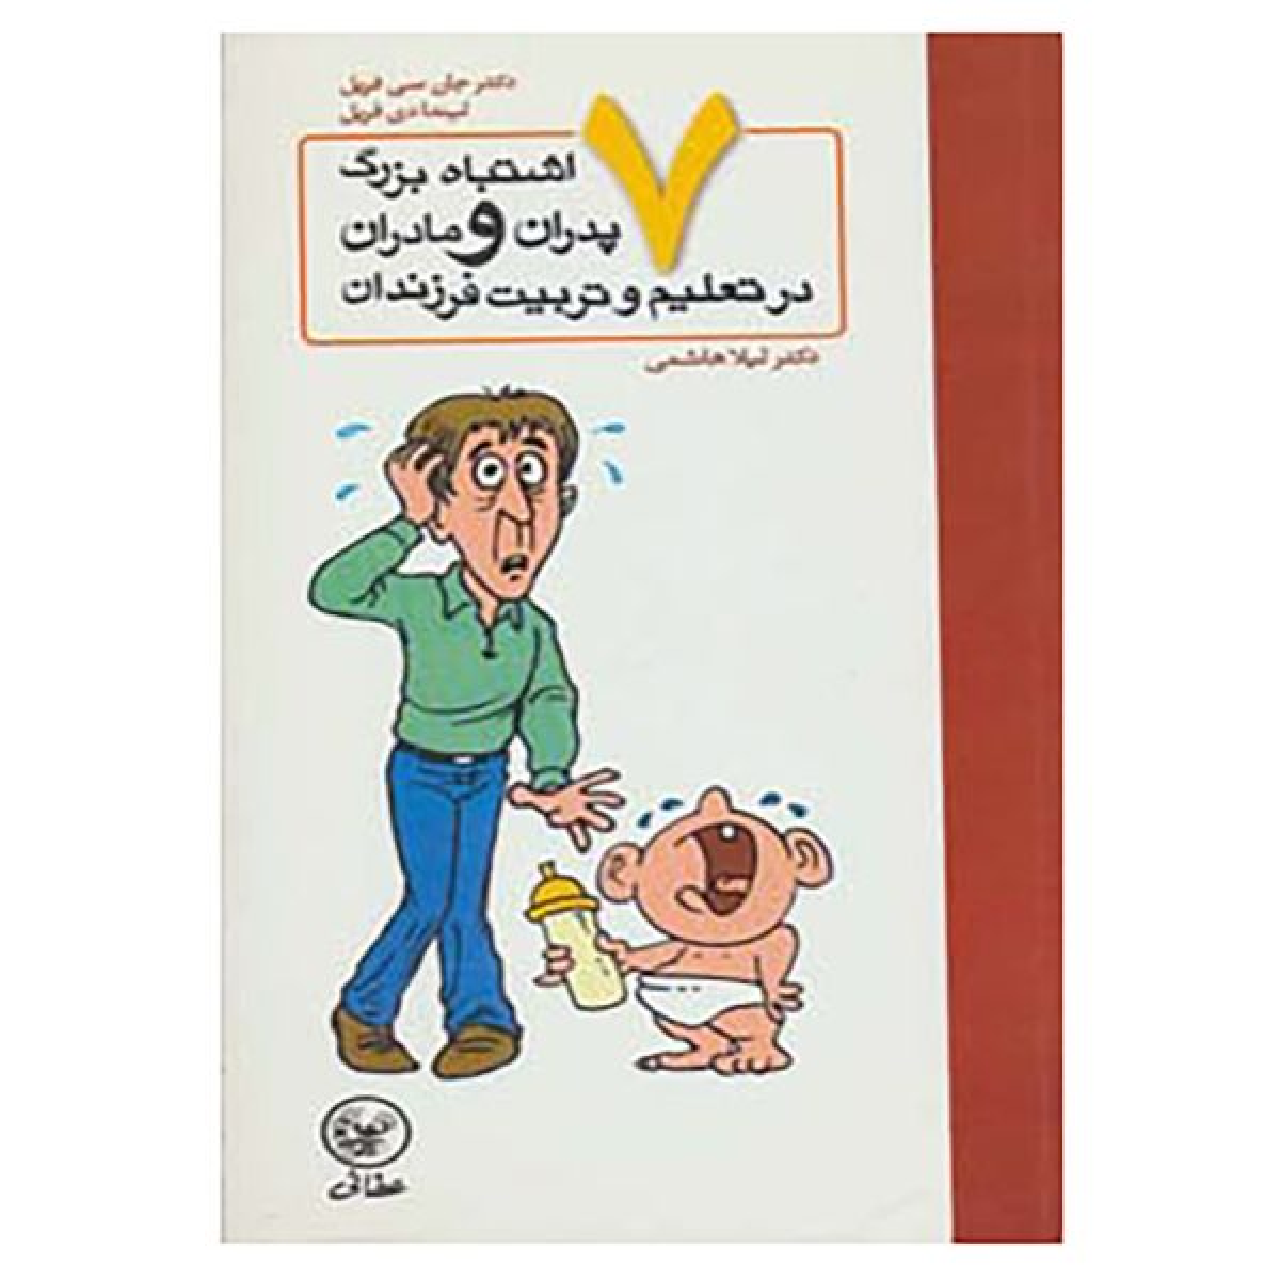 کتاب هفت اشتباه بزرگ پدران و مادران در تعلیم و تربیت فرزندان اثر جان سی فریل،لیندا دی فریل